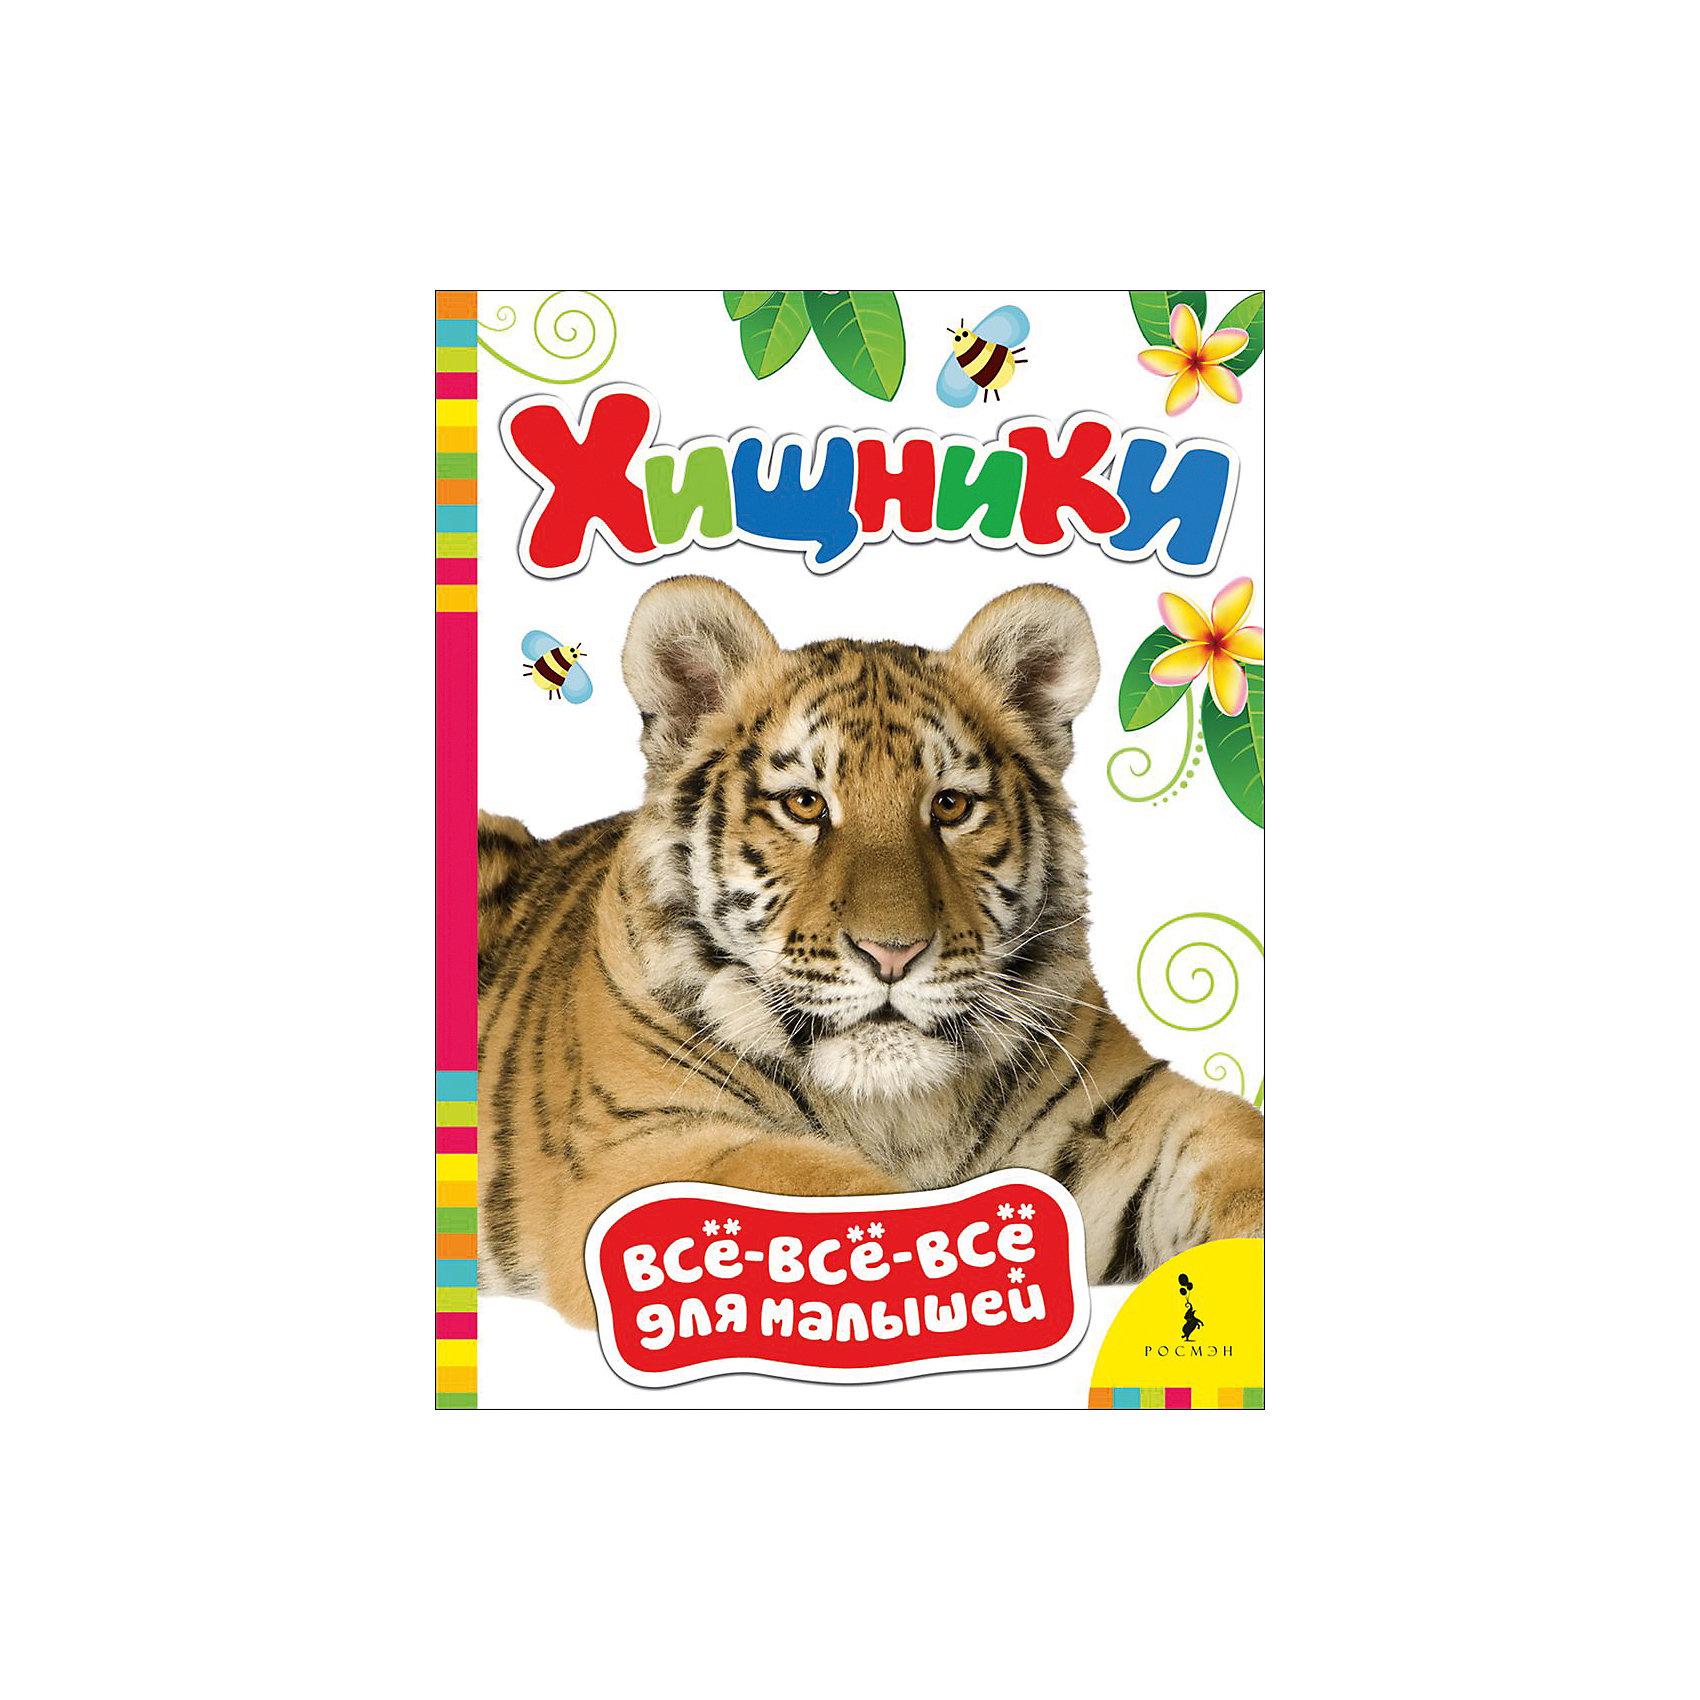 Хищники, Всё-всё-всё для малышейЭнциклопедии для малышей<br>Характеристики товара:<br><br>- цвет: разноцветный;<br>- материал: бумага;<br>- страниц: 8;<br>- формат: 16 х 22 см;<br>- обложка: твердая;<br>- иллюстрации.<br><br>Получать нужные знания можно в веселой форме! Эта интересная книга с иллюстрациями станет отличным подарком для ребенка. Она поможет малышу расширить словарный запас, узнать новое и равить навыки общения. Книга дополнена яркими качественными изображениями, которые помогают ребенку познавать мир.<br>Чтение - отличный способ активизации мышления, оно помогает ребенку развивать зрительную память, концентрацию внимания и воображение. Издание произведено из качественных материалов, которые безопасны даже для самых маленьких.<br><br>Книгу Хищники, Всё-всё-всё для малышей от компании Росмэн можно купить в нашем интернет-магазине.<br><br>Ширина мм: 220<br>Глубина мм: 160<br>Высота мм: 5<br>Вес г: 111<br>Возраст от месяцев: 0<br>Возраст до месяцев: 36<br>Пол: Унисекс<br>Возраст: Детский<br>SKU: 5110256